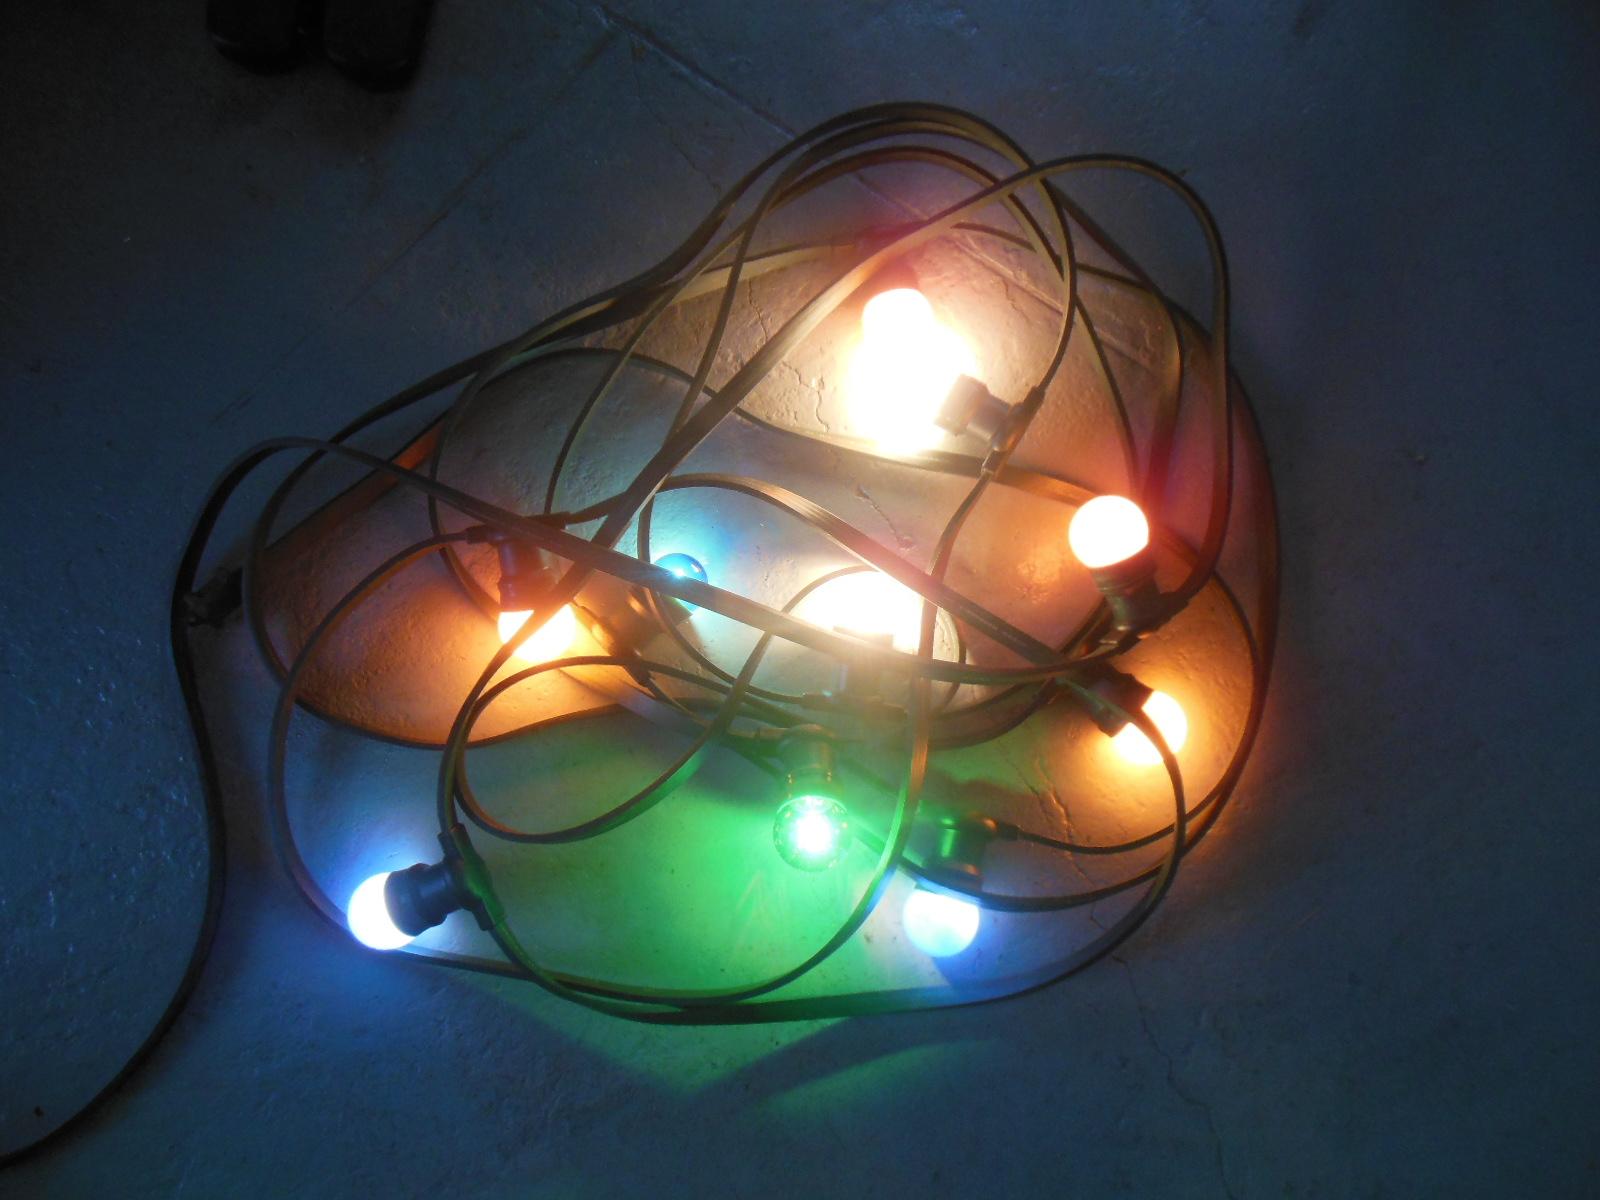 Flevo Verhuur - Partytent verlichting prikkabel 2 x 10 meter - Flevo ...